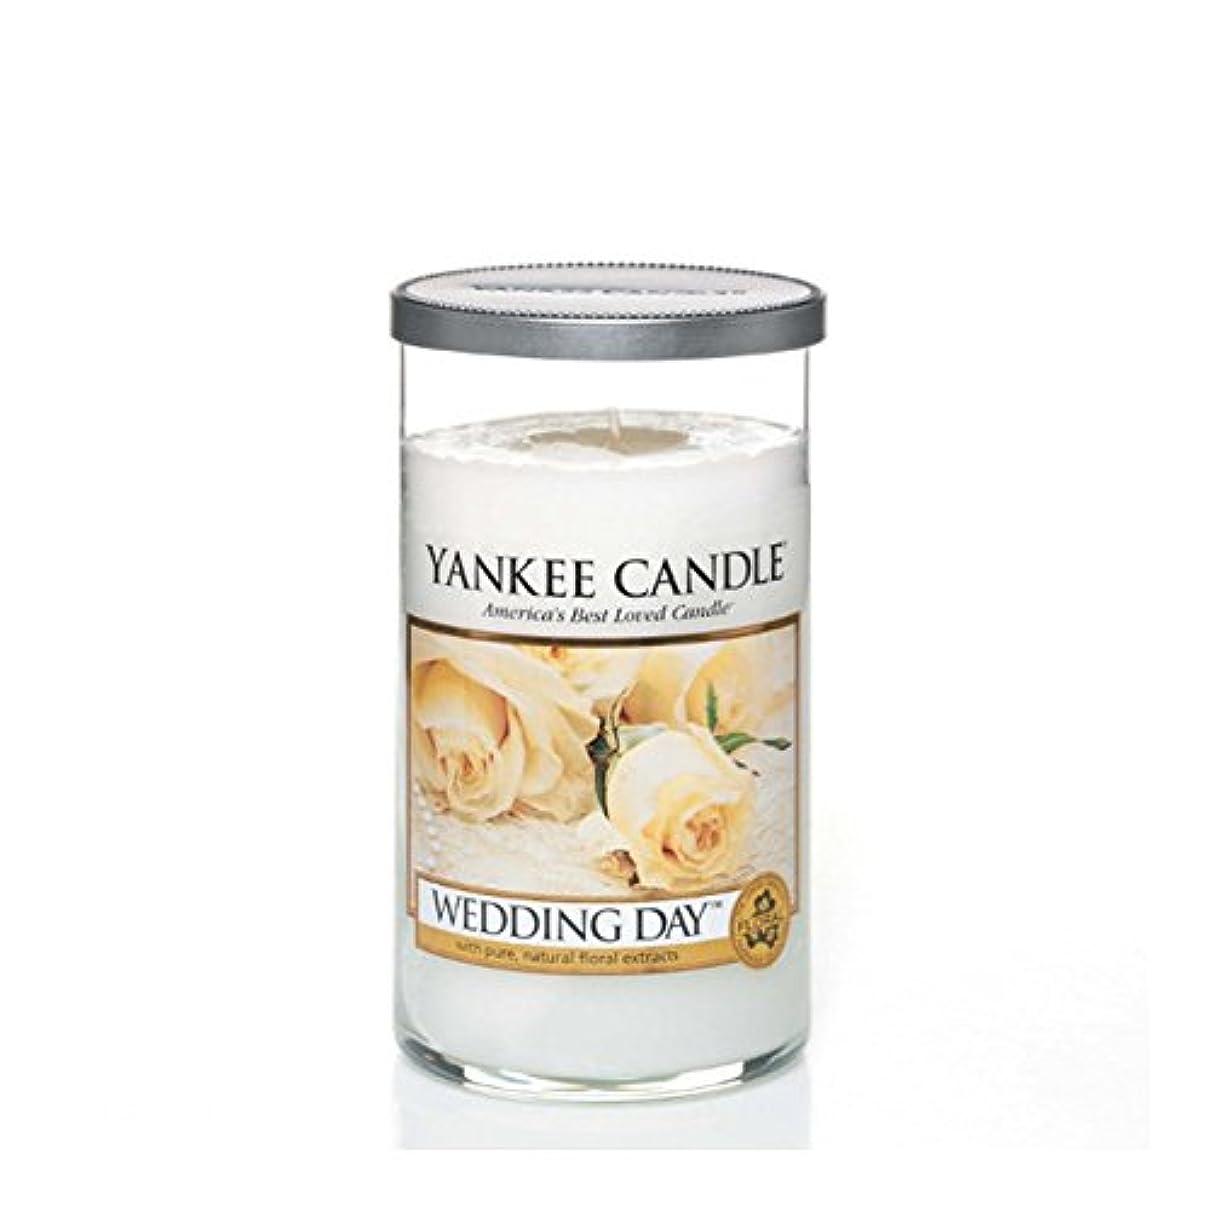 木曜日外交自然公園ヤンキーキャンドルメディアピラーキャンドル - 結婚式の日 - Yankee Candles Medium Pillar Candle - Wedding Day (Yankee Candles) [並行輸入品]